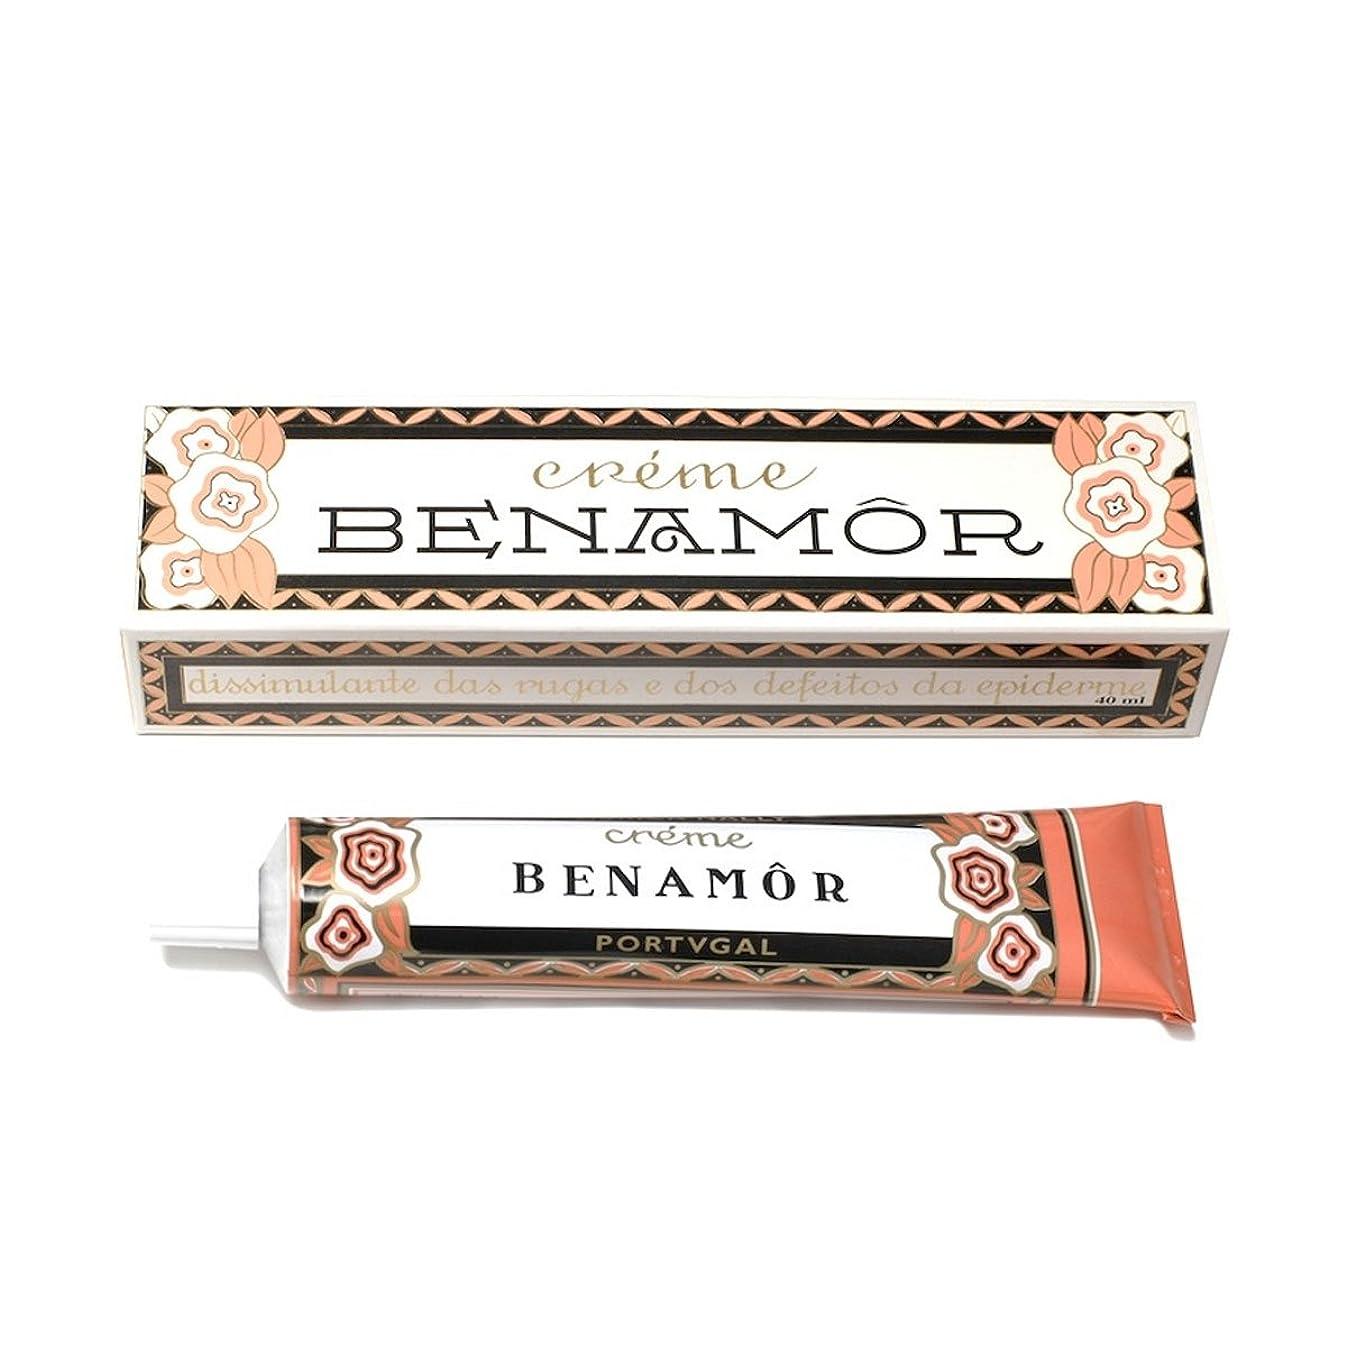 評価する知り合い残酷Benamor Cream 30ml [並行輸入品]